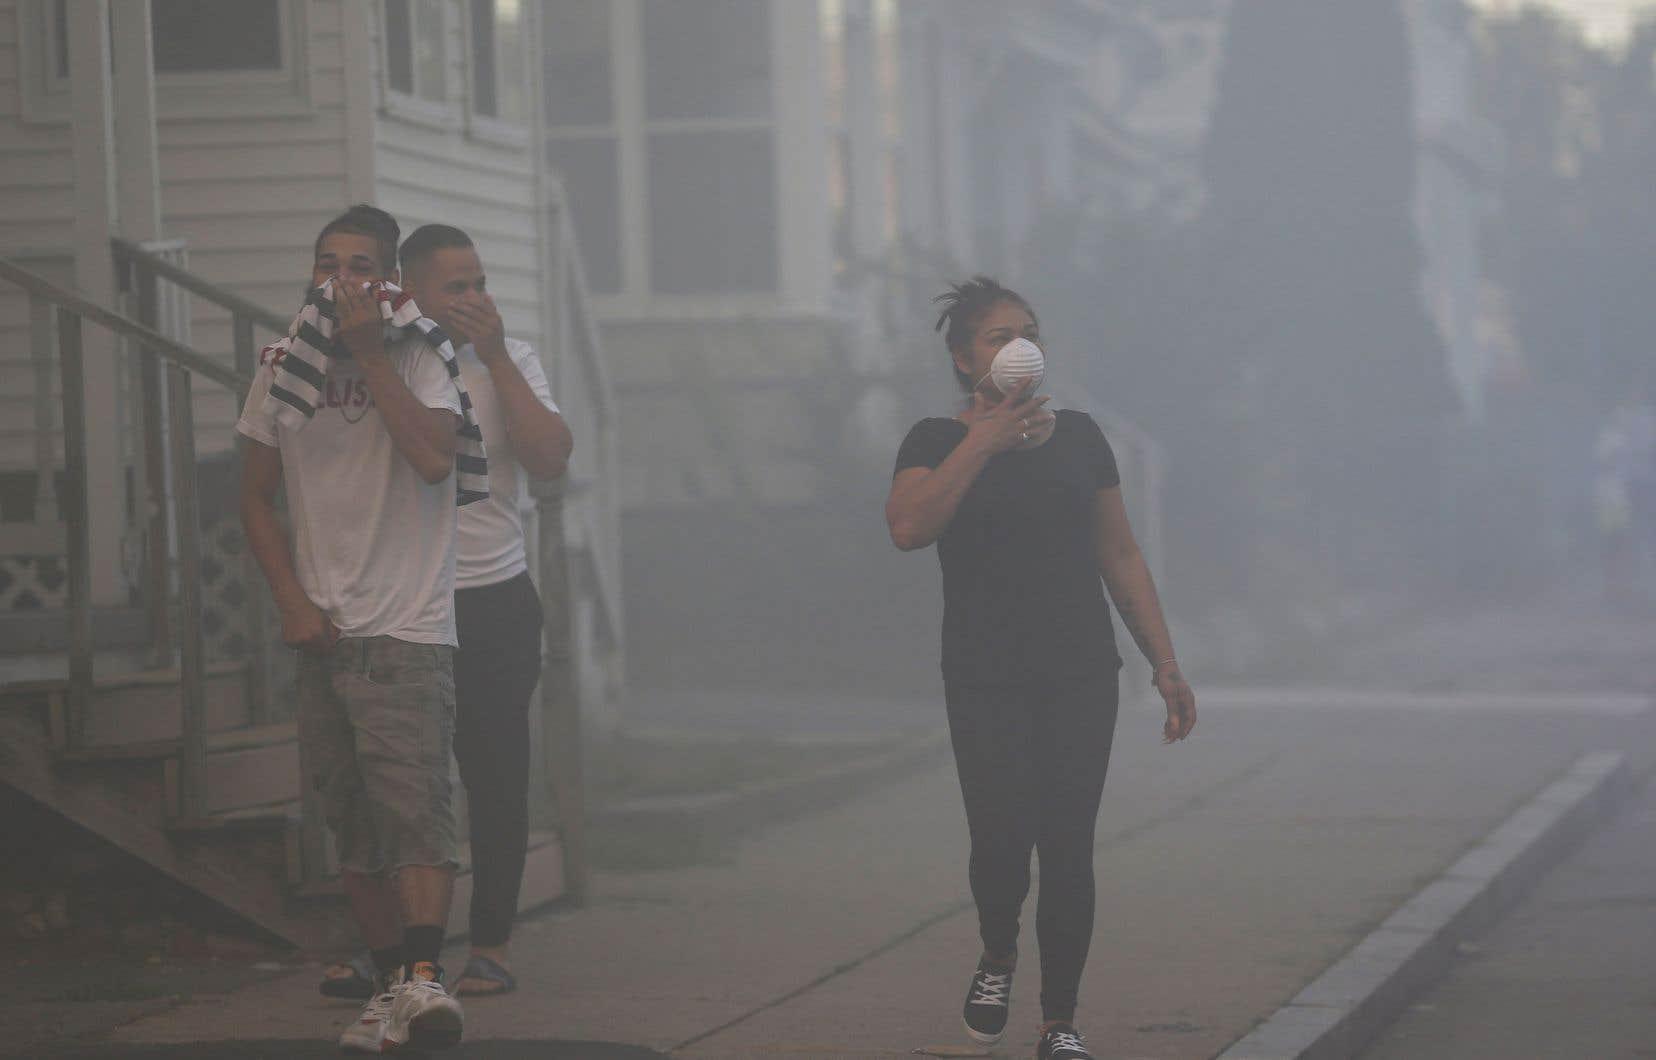 <p>L'ensemble du secteur a été évacué tandis que les pompiers cherchaient à éteindre les flammes et à fermer les réseaux gazier et électrique afin d'éviter des dégâts encore plus importants.</p>